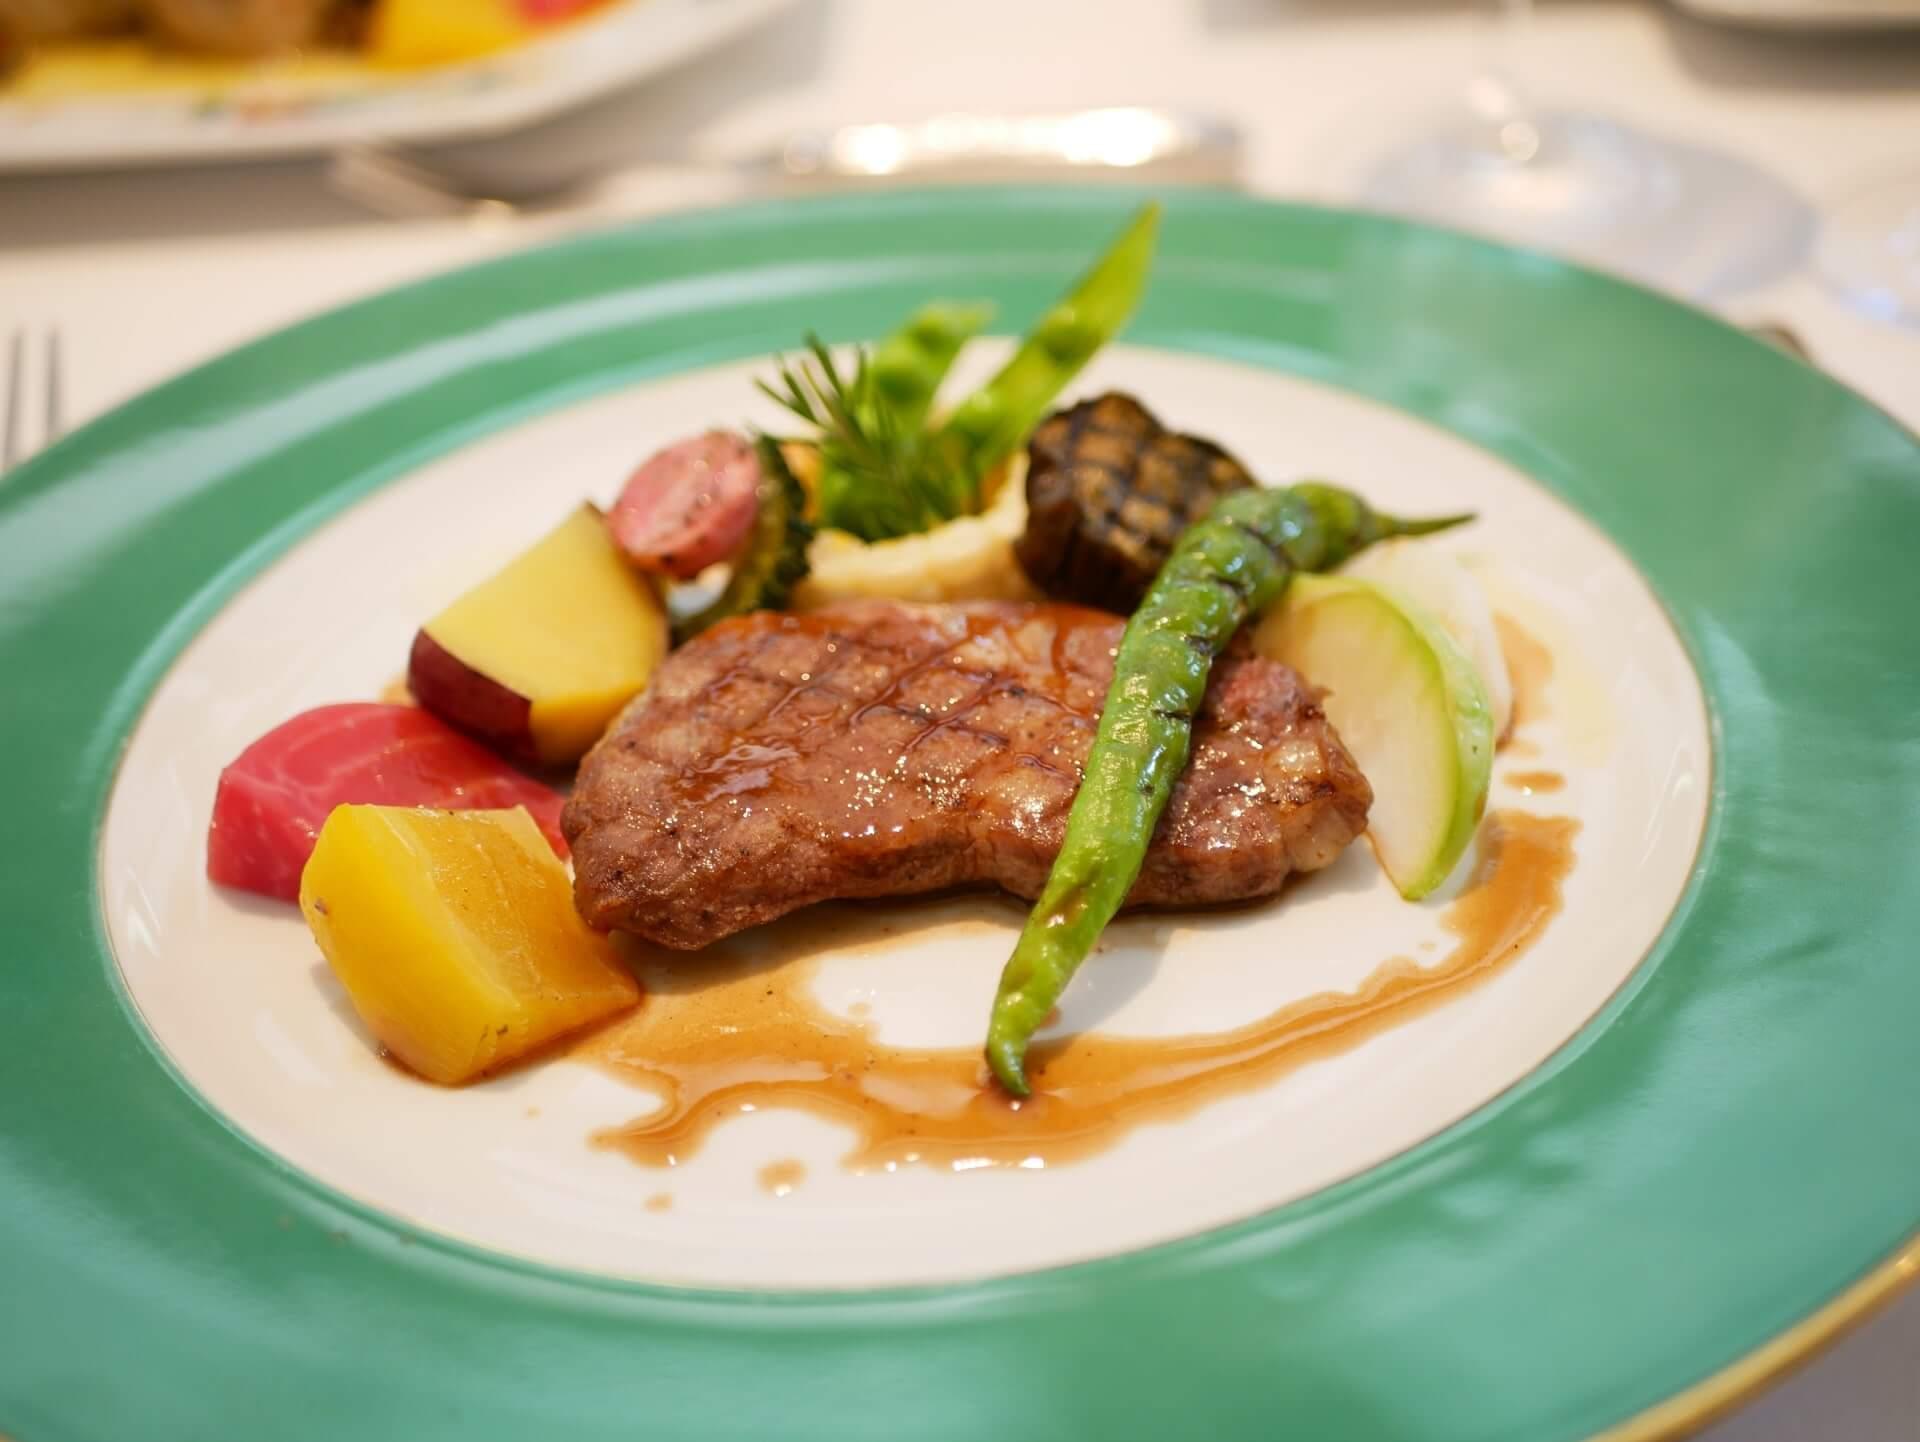 テーブルマナーにおけるお肉料理の画像